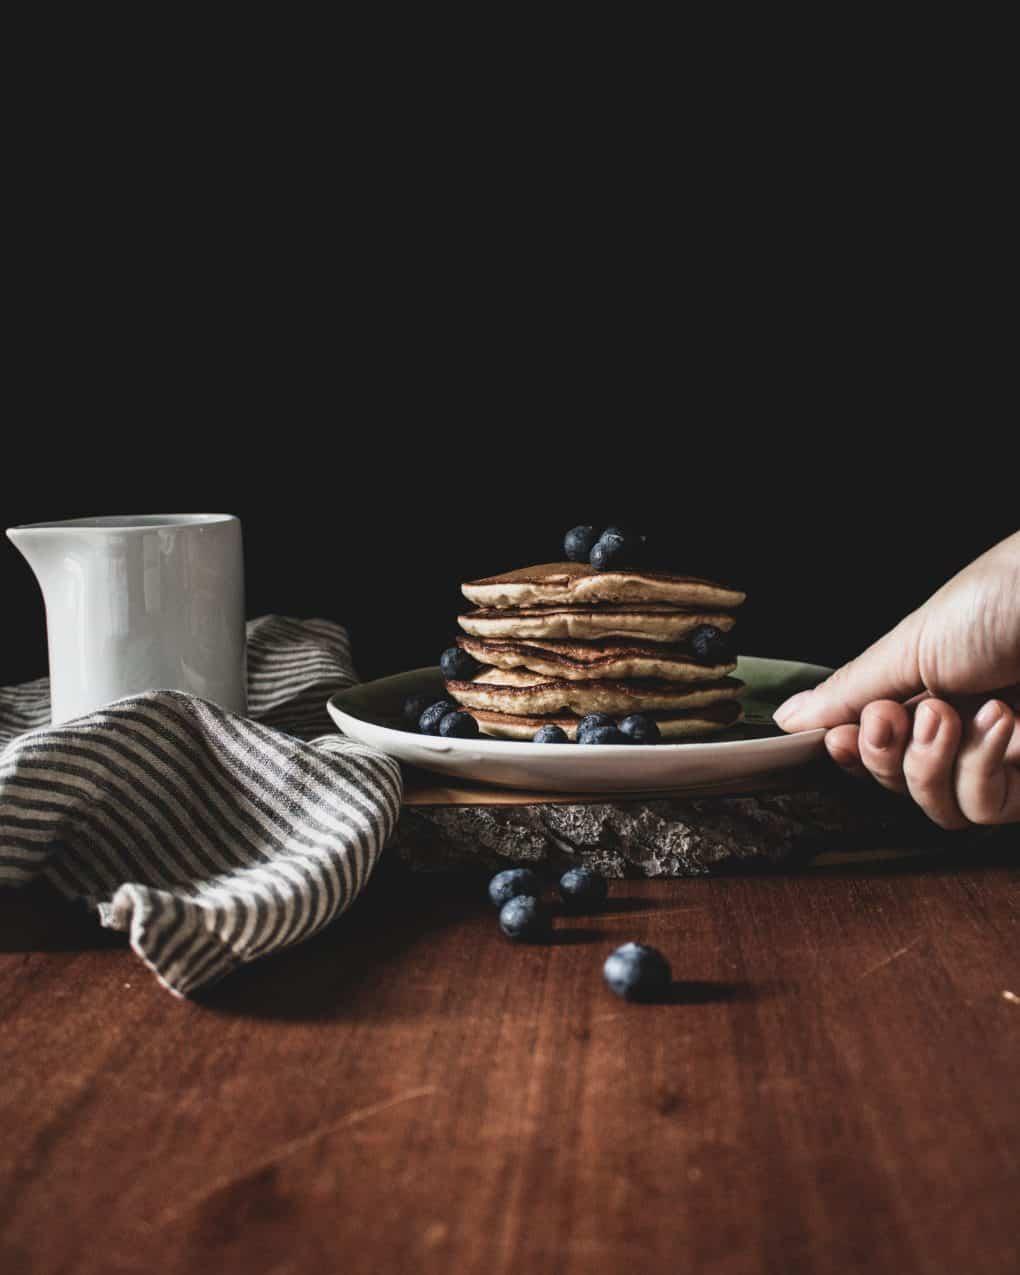 Blaubeere Banane Pancakes gestapelt mit Ahornsirup